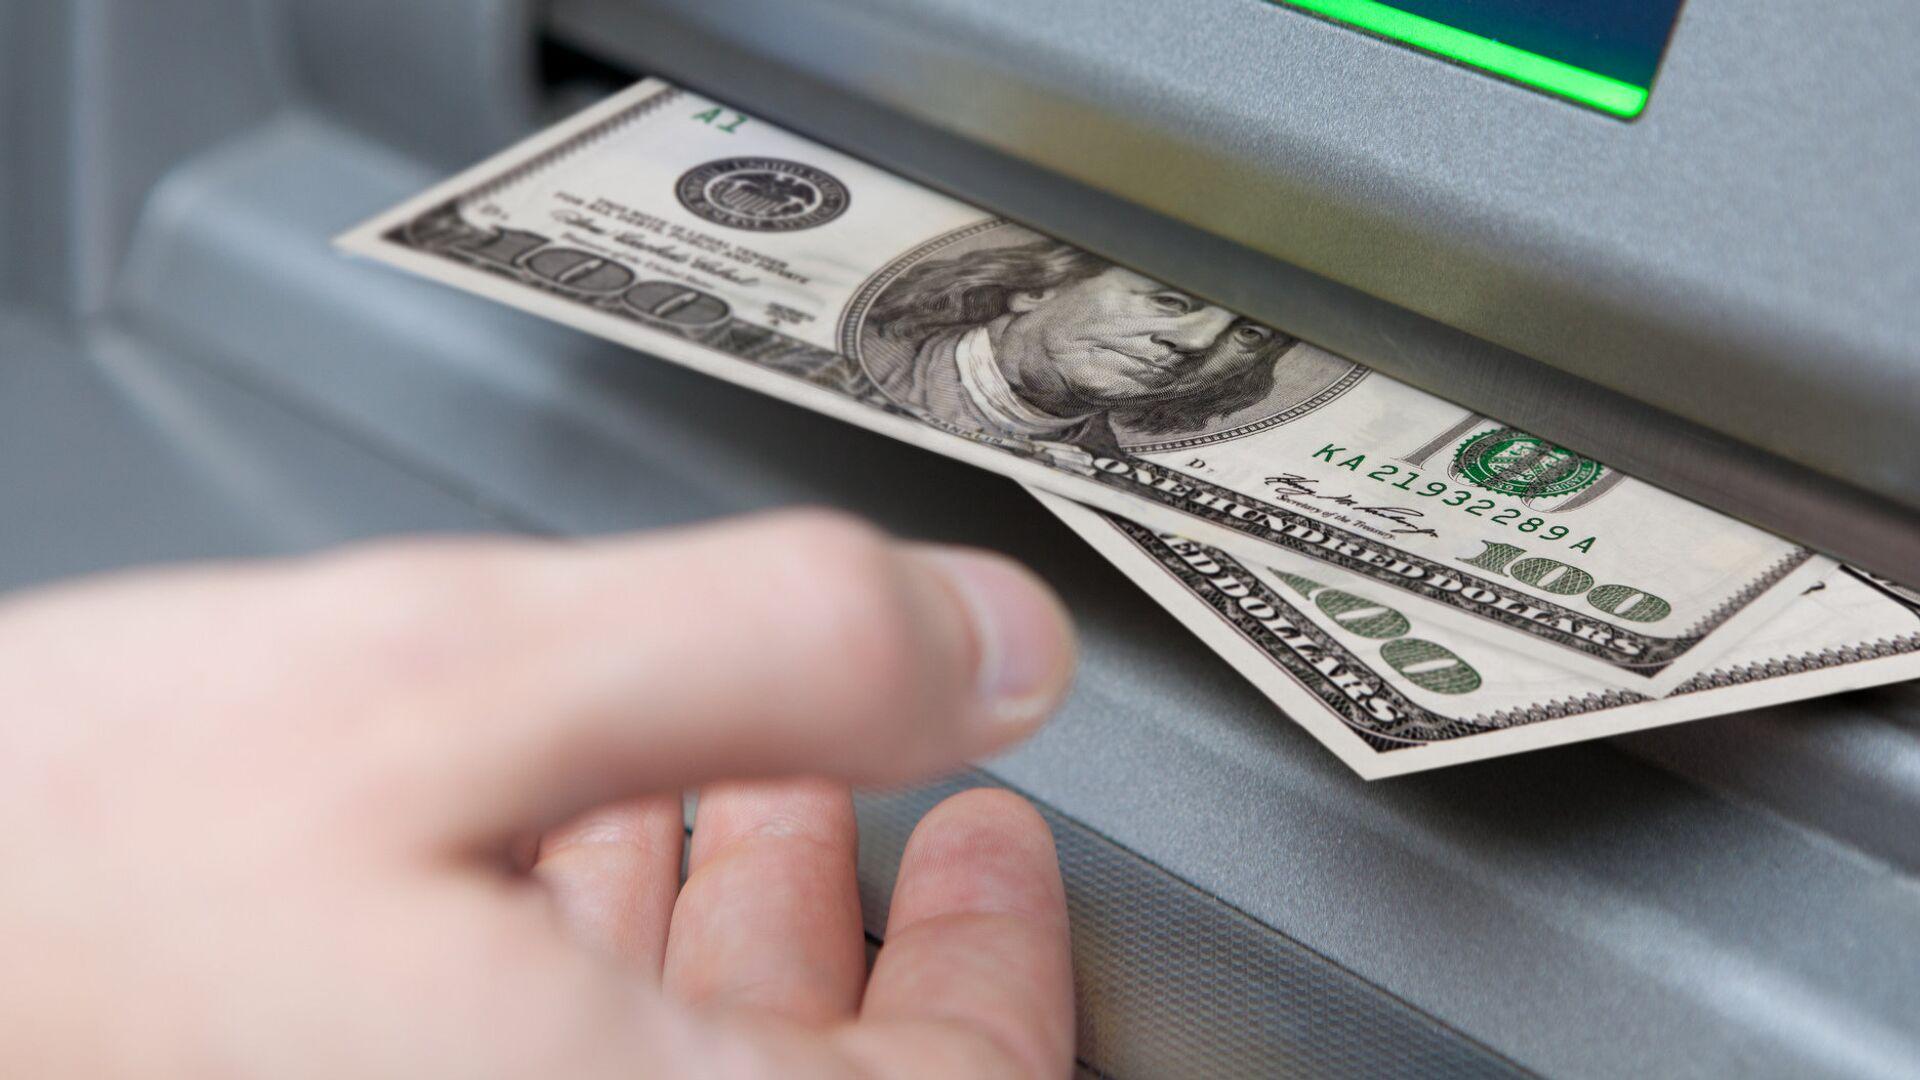 Мужчина берет купюры долларов из банкомата - Sputnik Грузия, 1920, 16.09.2021